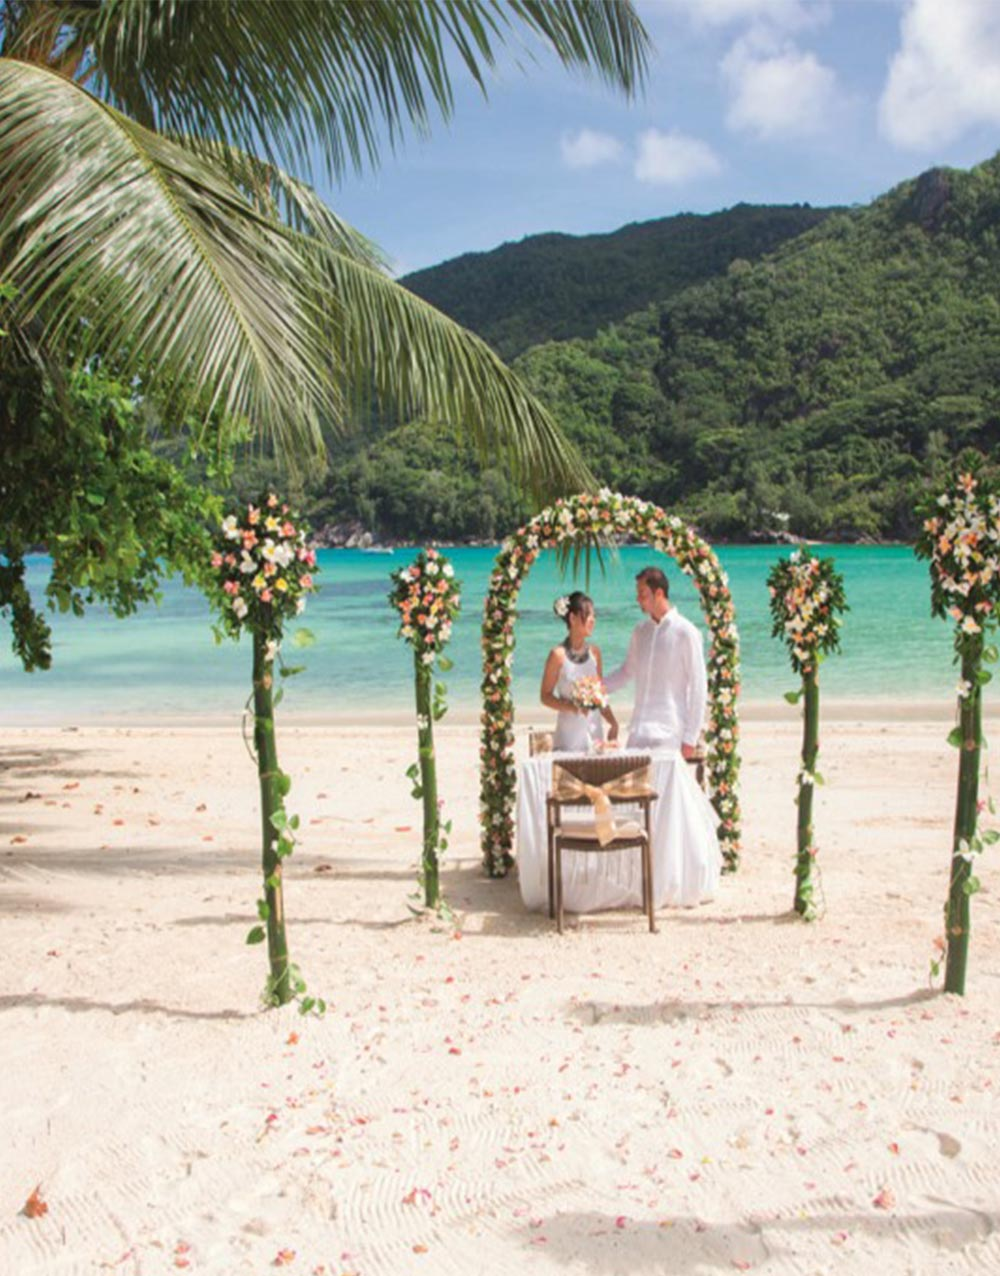 Matrimonio Simbolico Alle Seychelles : Sposarsi alle seychelles sognando viaggiando